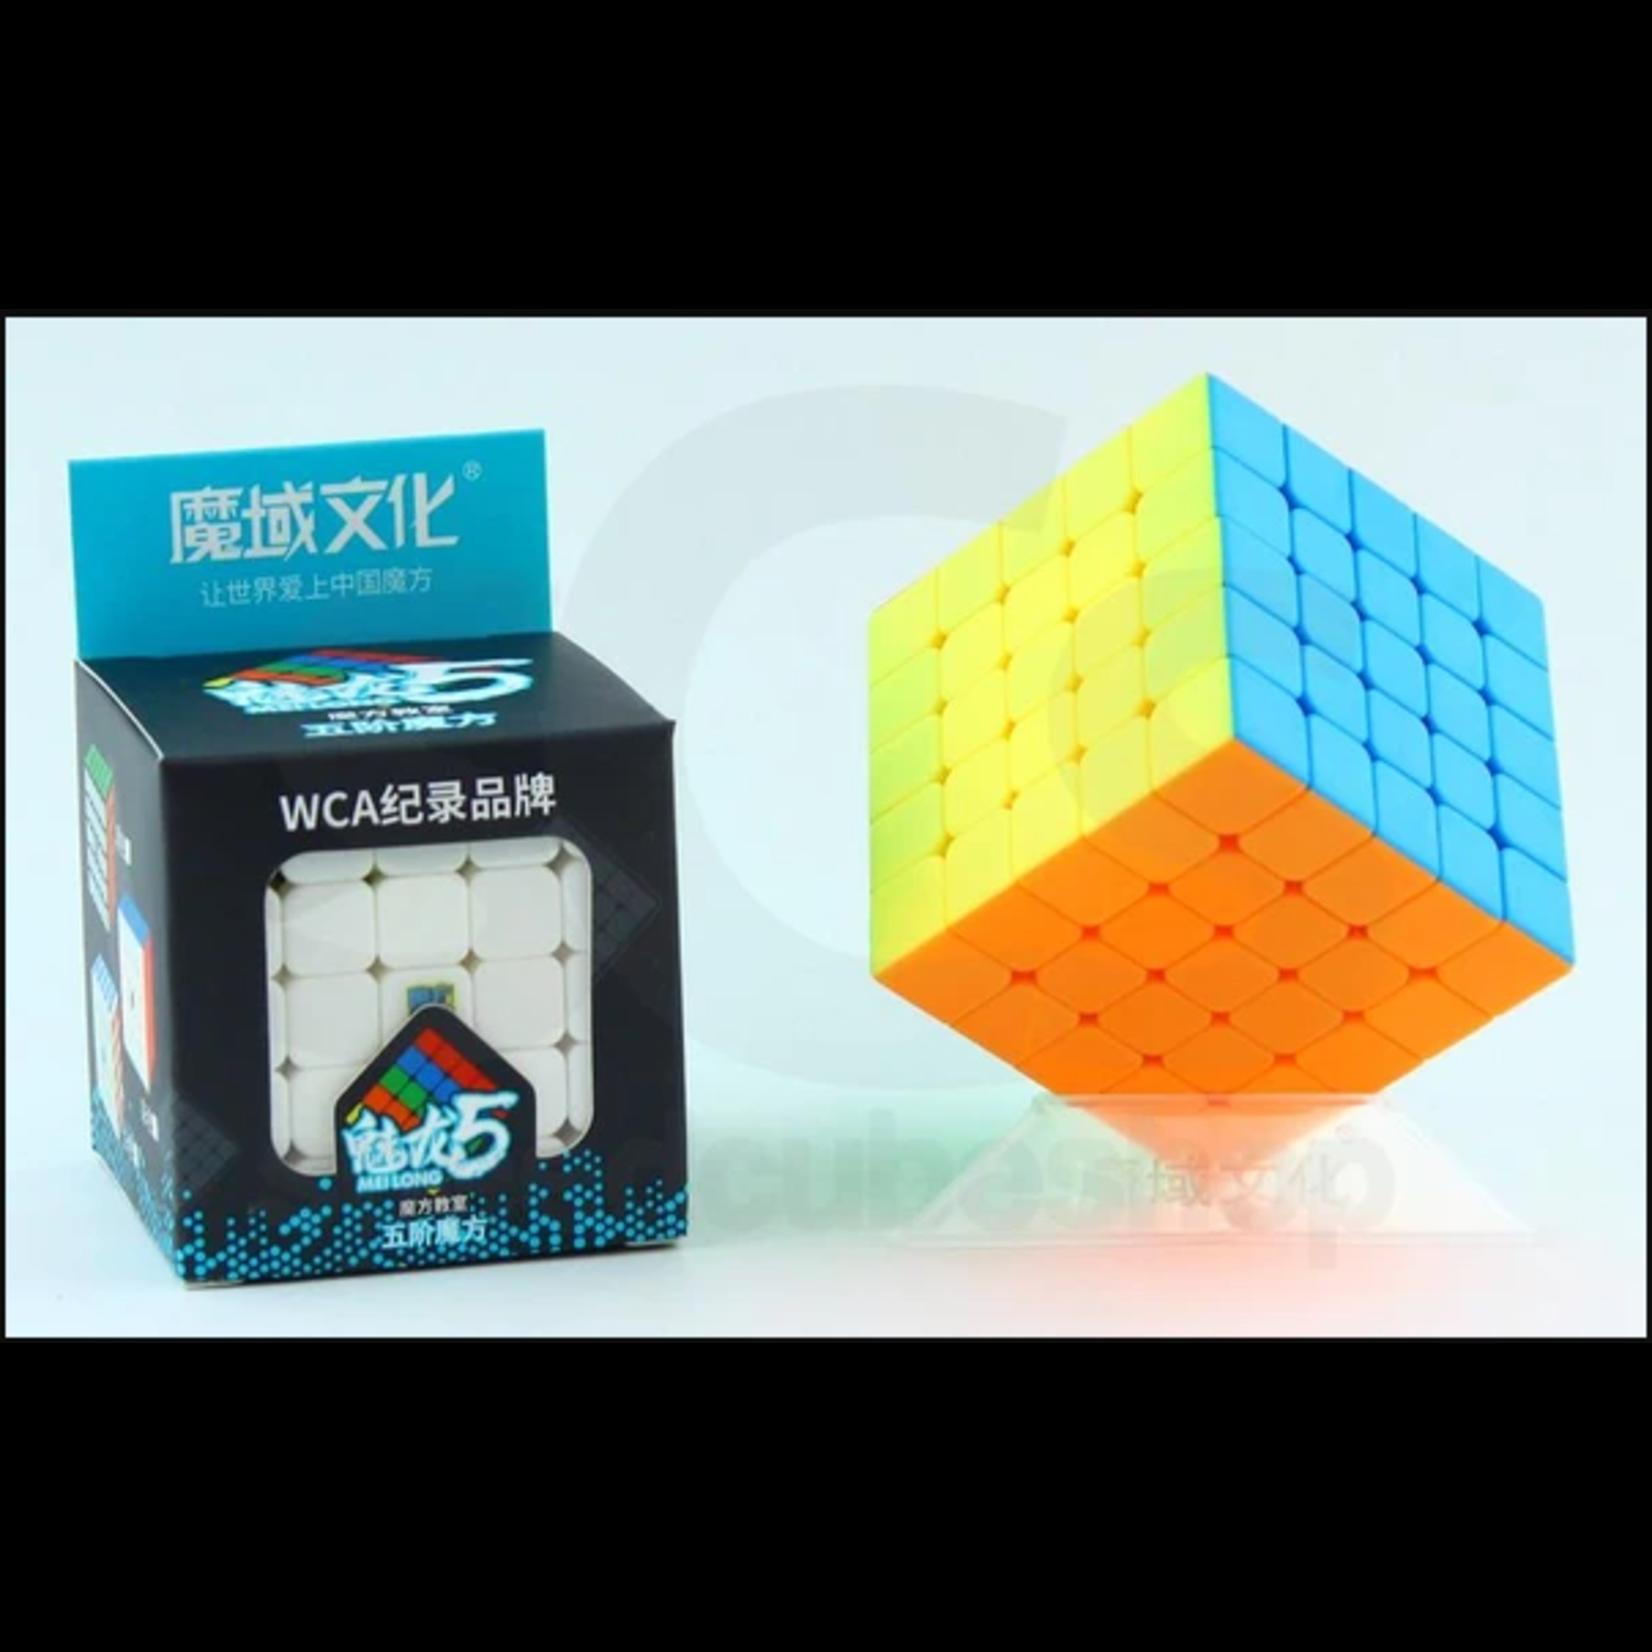 MoFang JiaoShi Speedcube 5x5 (MoFang)